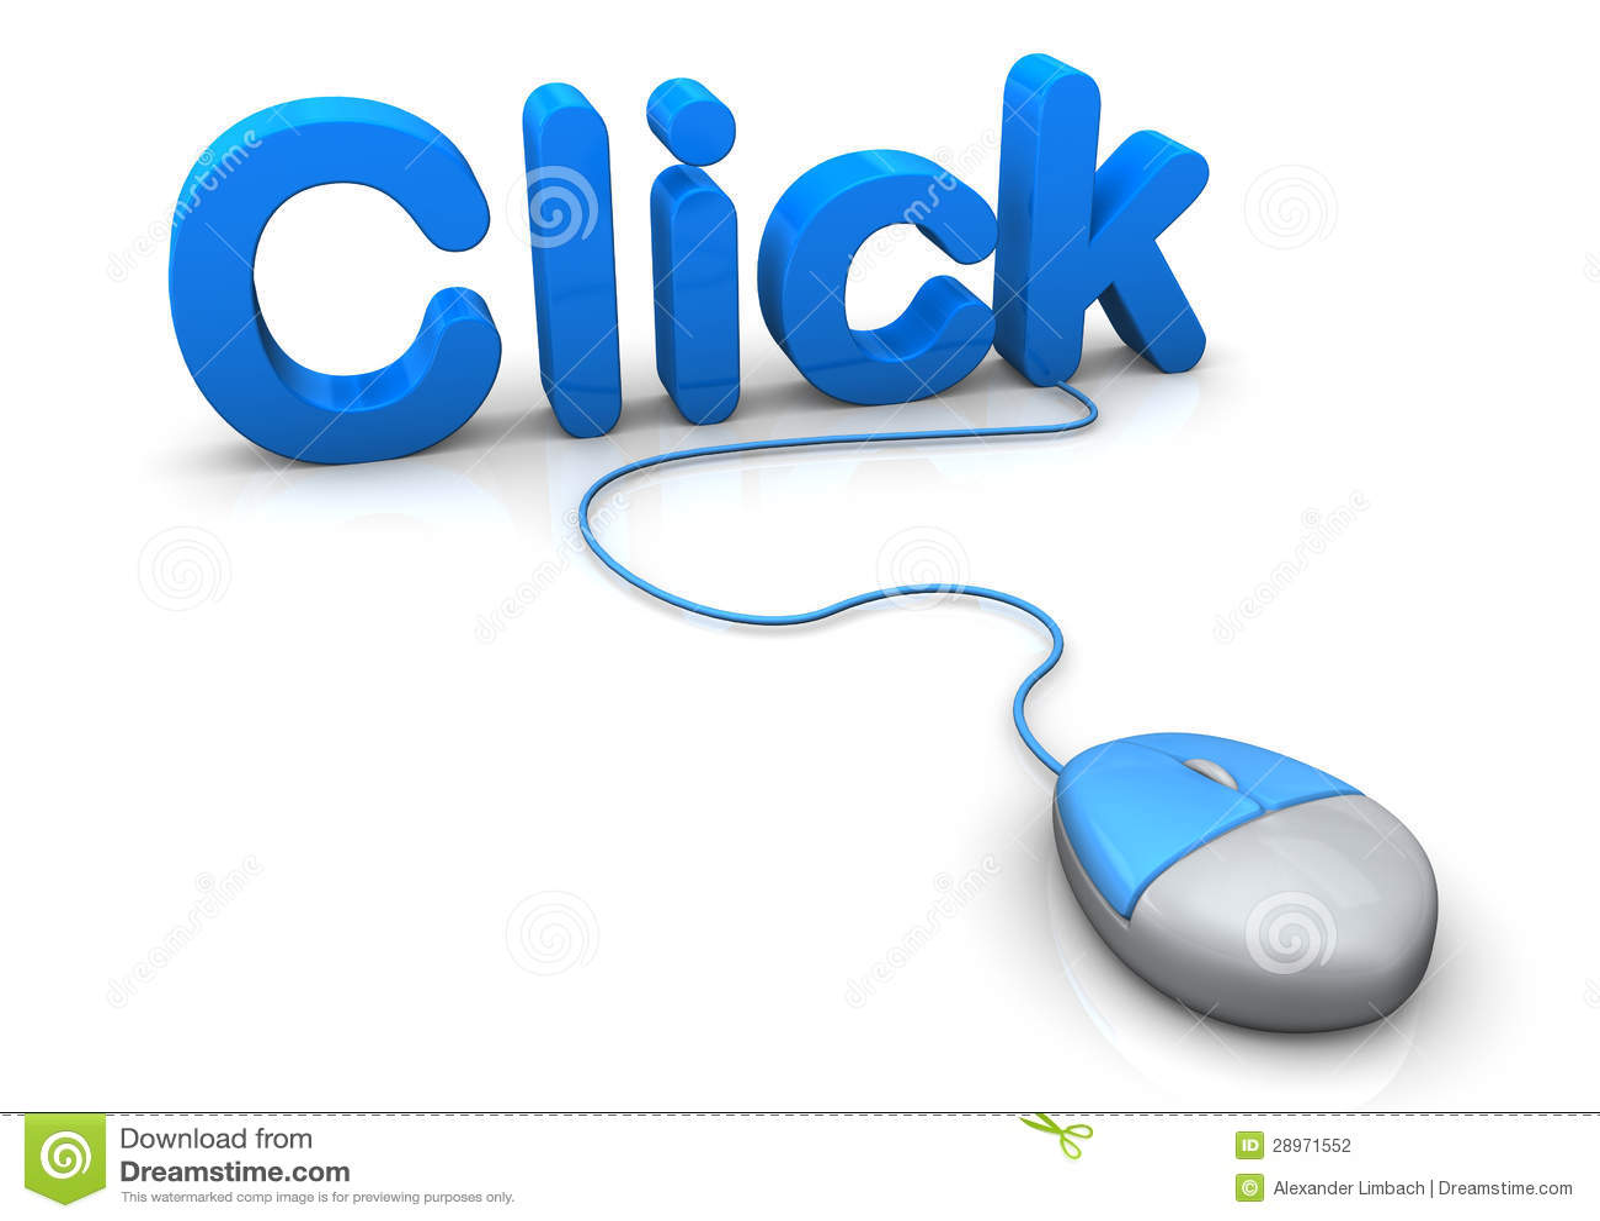 mouse click stock illustration illustration of optimization 28971552. Black Bedroom Furniture Sets. Home Design Ideas